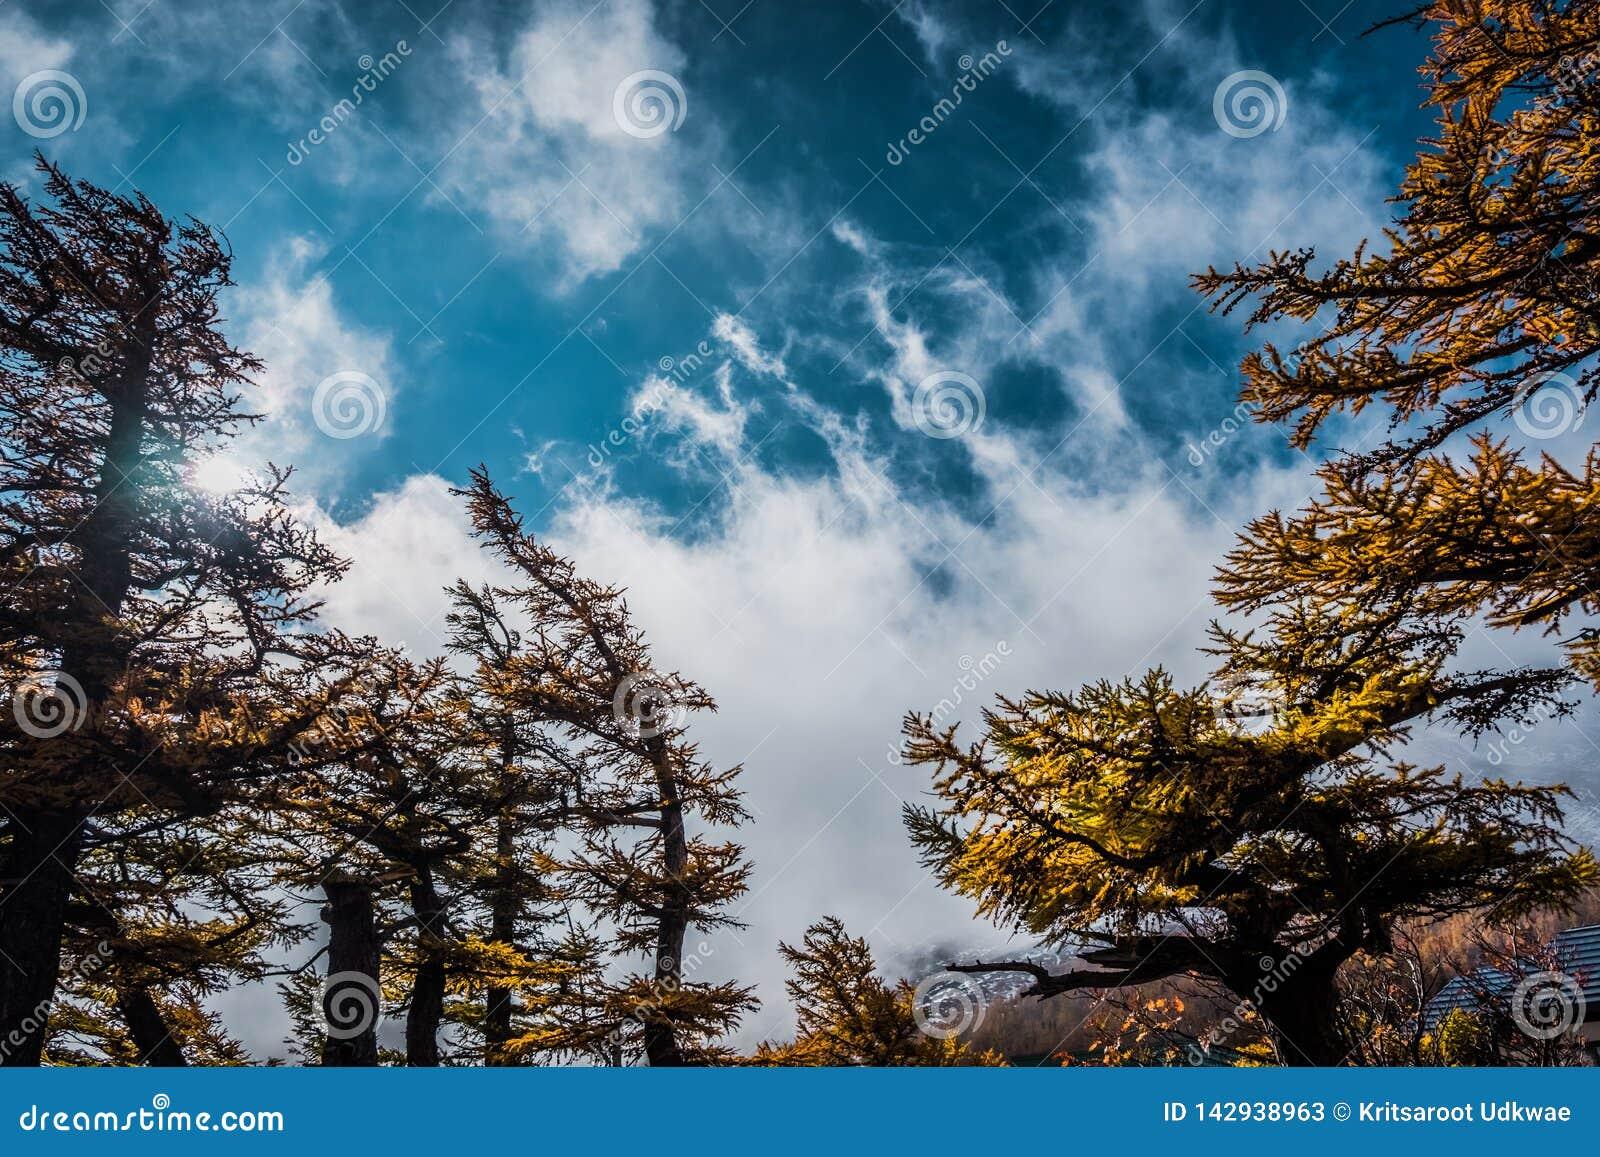 Paisaje del árbol y de la nube con el cielo azul, visión desde la línea 5ta estación de Fuji Subaru